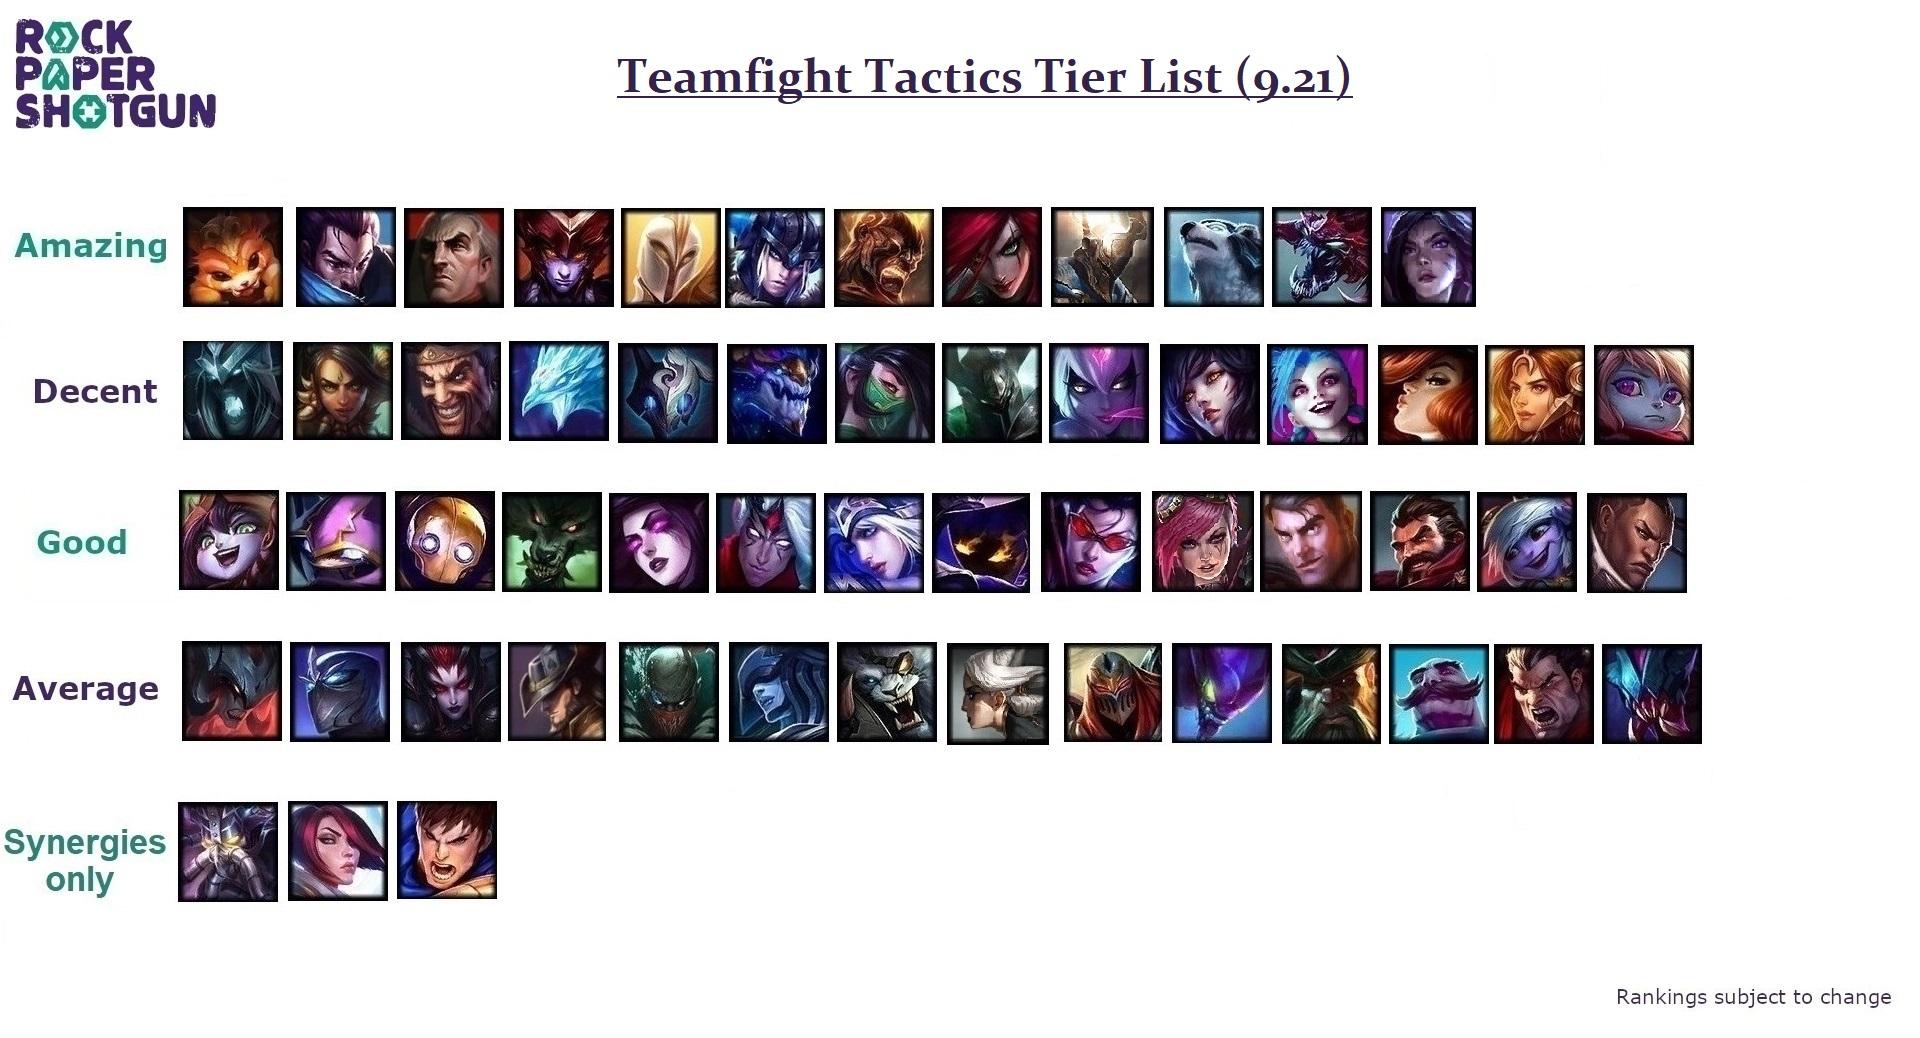 teamfight-tactics-rankings-9.21